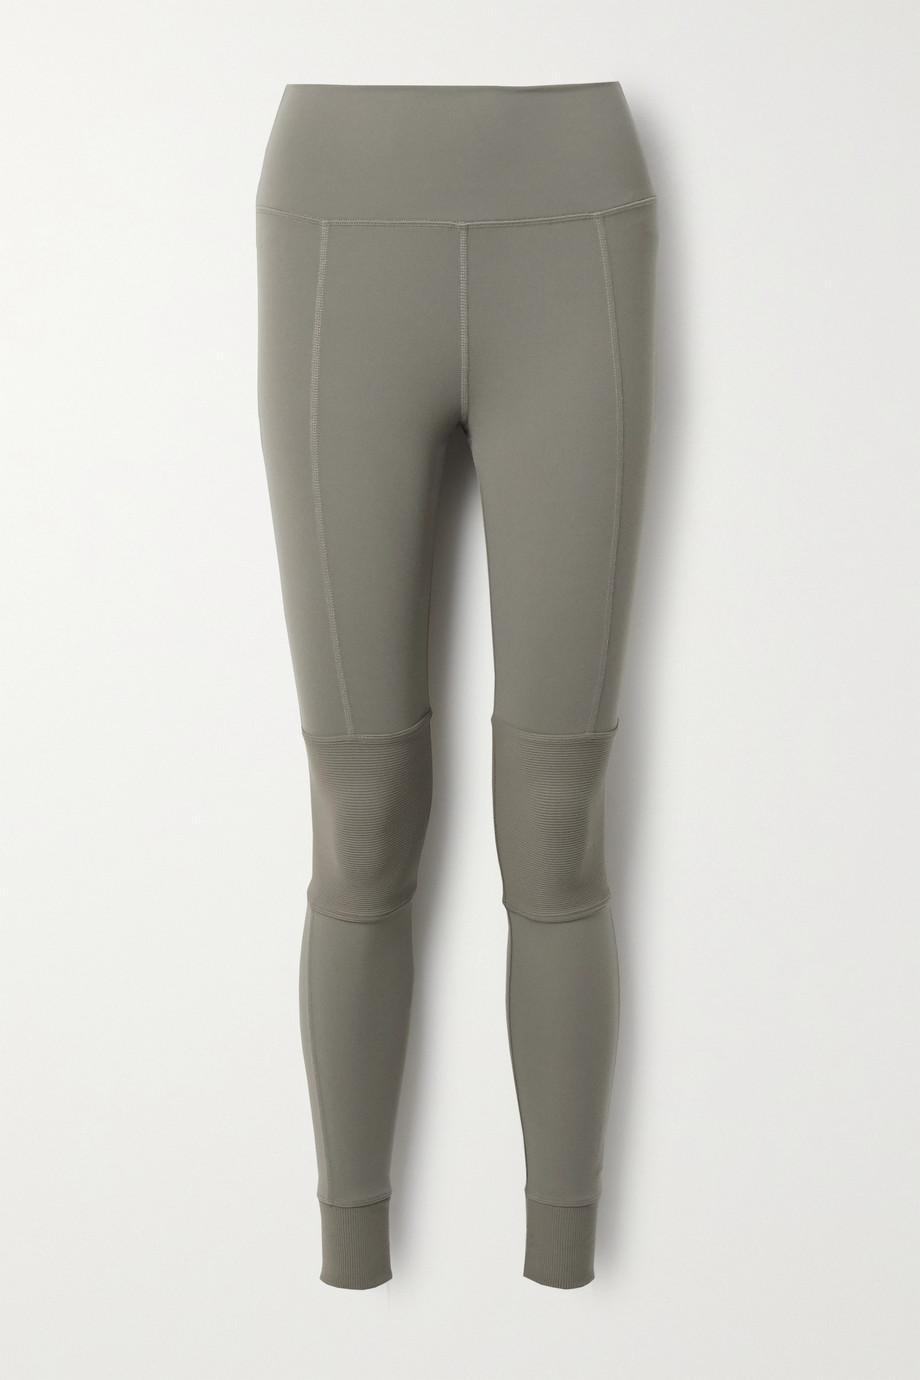 Alo Yoga Avenue paneled stretch leggings